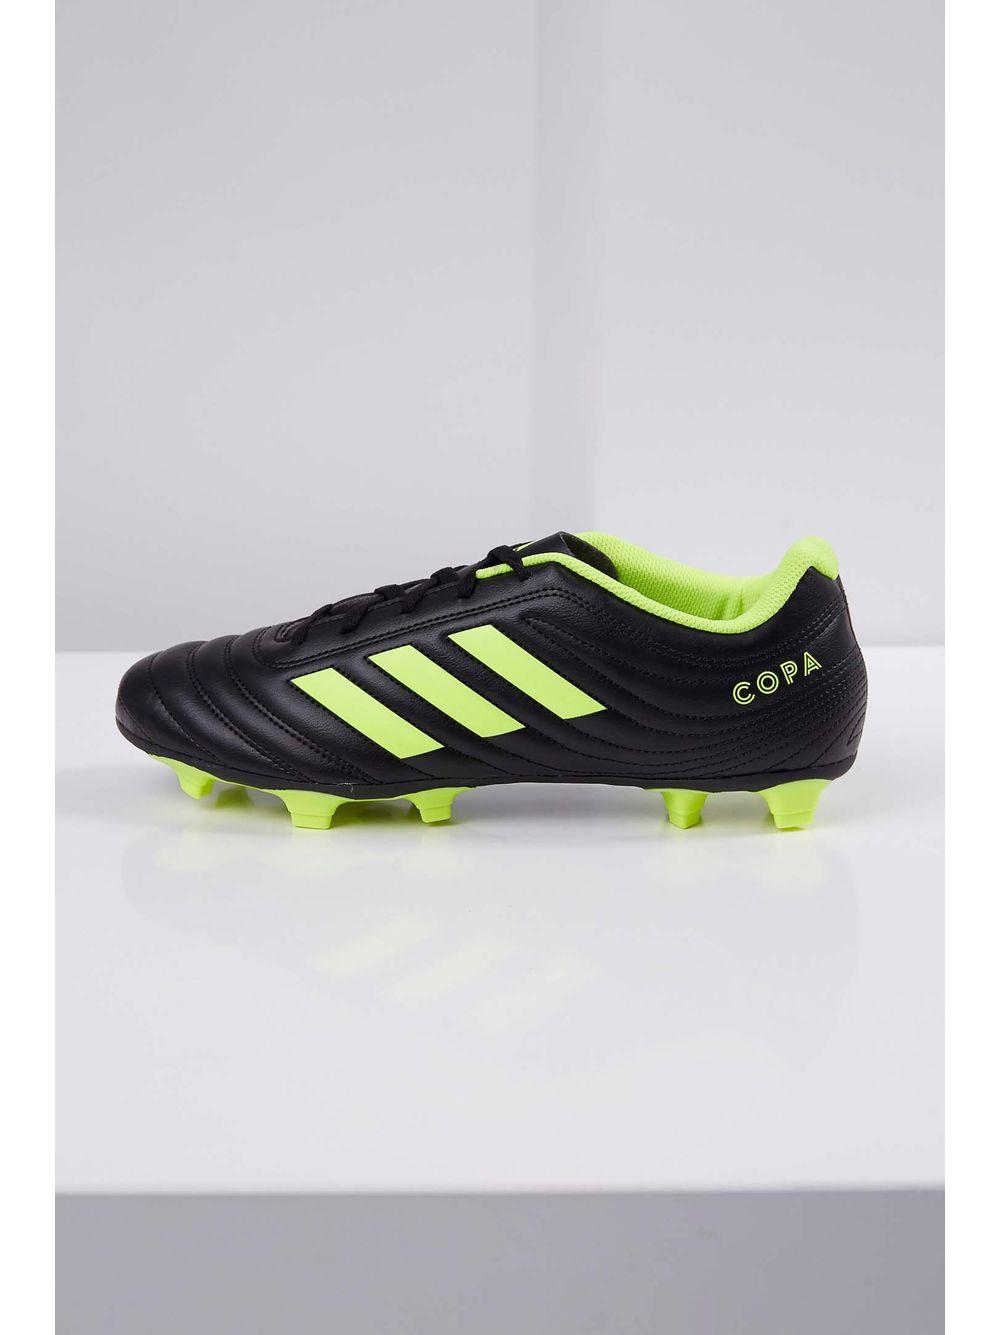 Chuteira Adidas Copa 19 4 Tf Preto - pittol 4c4cdfb0629c6